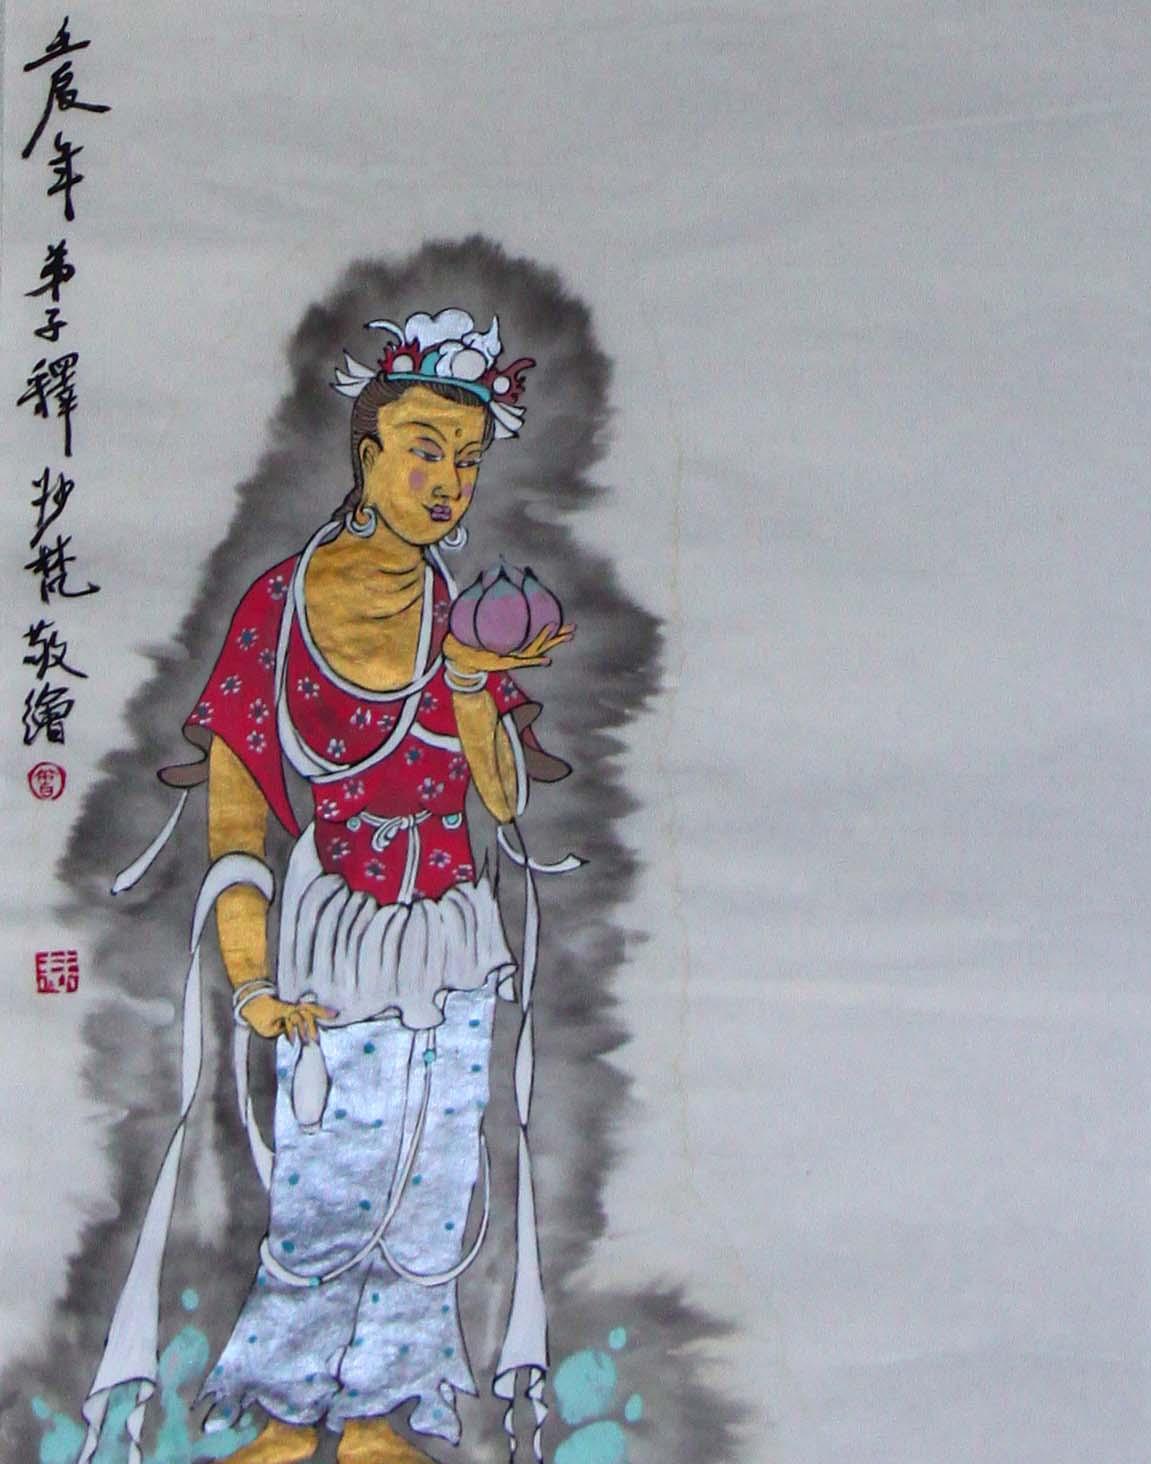 度一切苦厄菩萨圣像,纸本重彩,曾慧34X136CM,2012.JPG